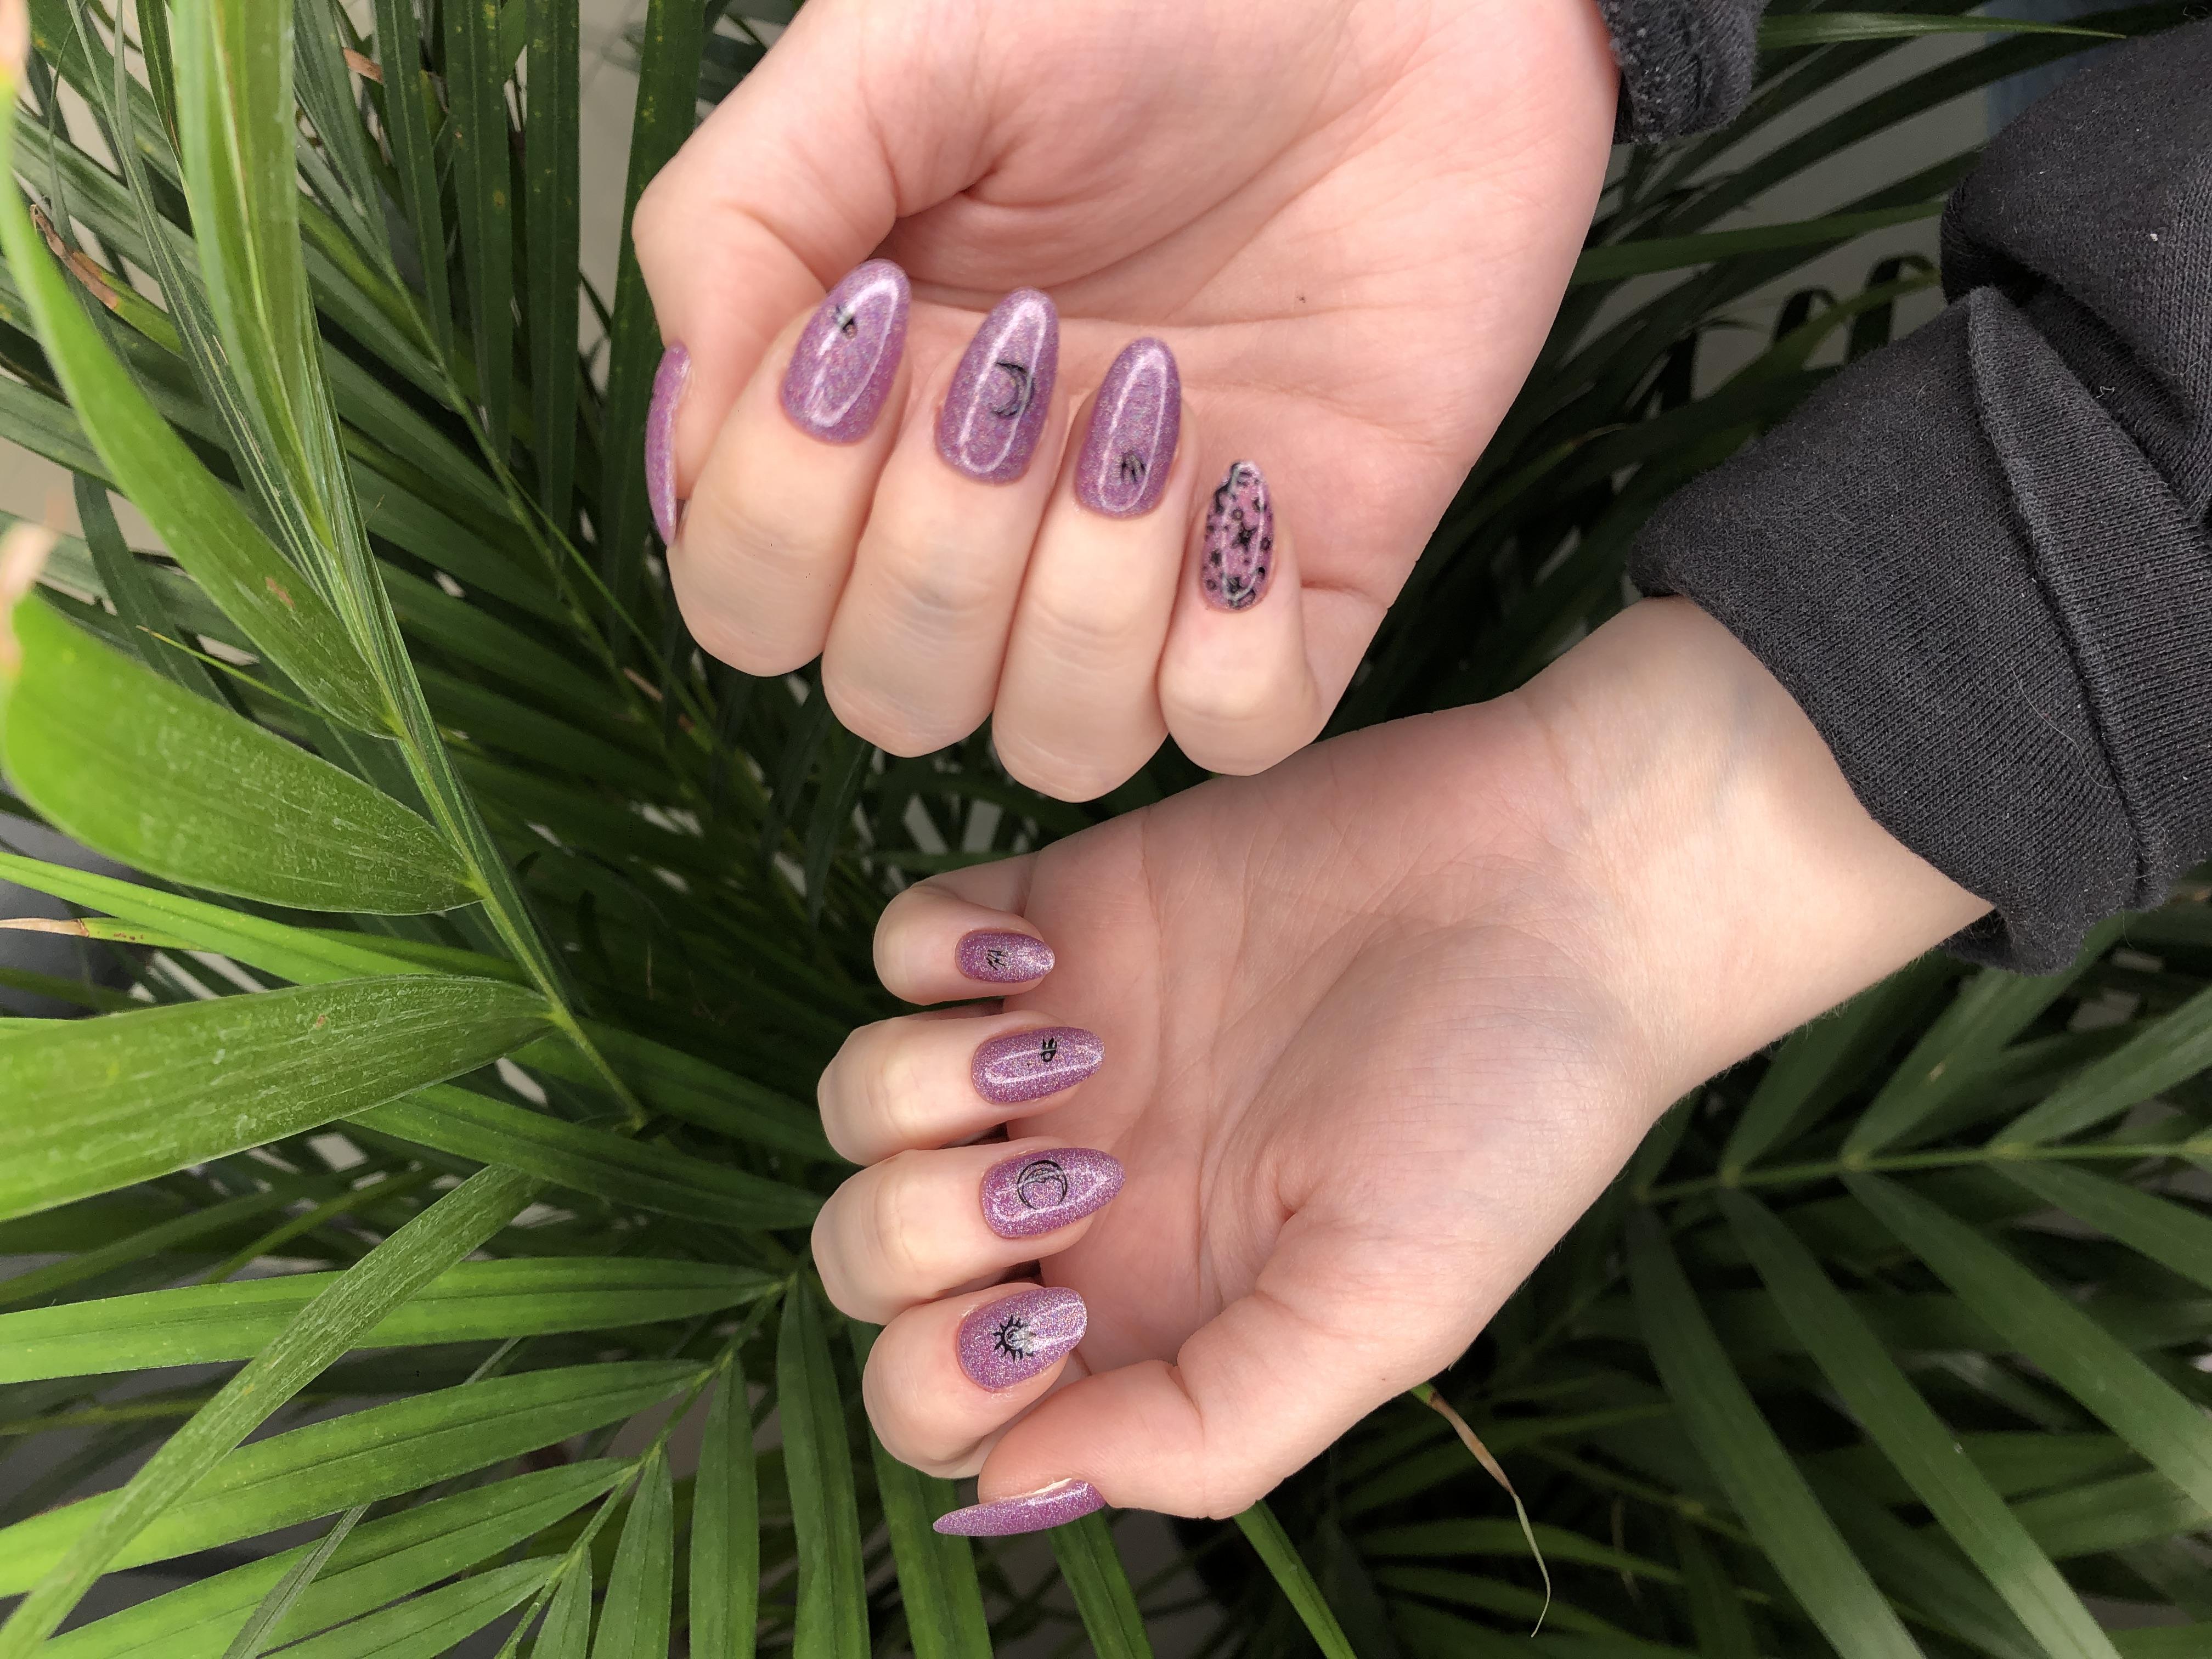 Маникюр с блестками и слайдерами в сиреневом цвете на длинные ногти.